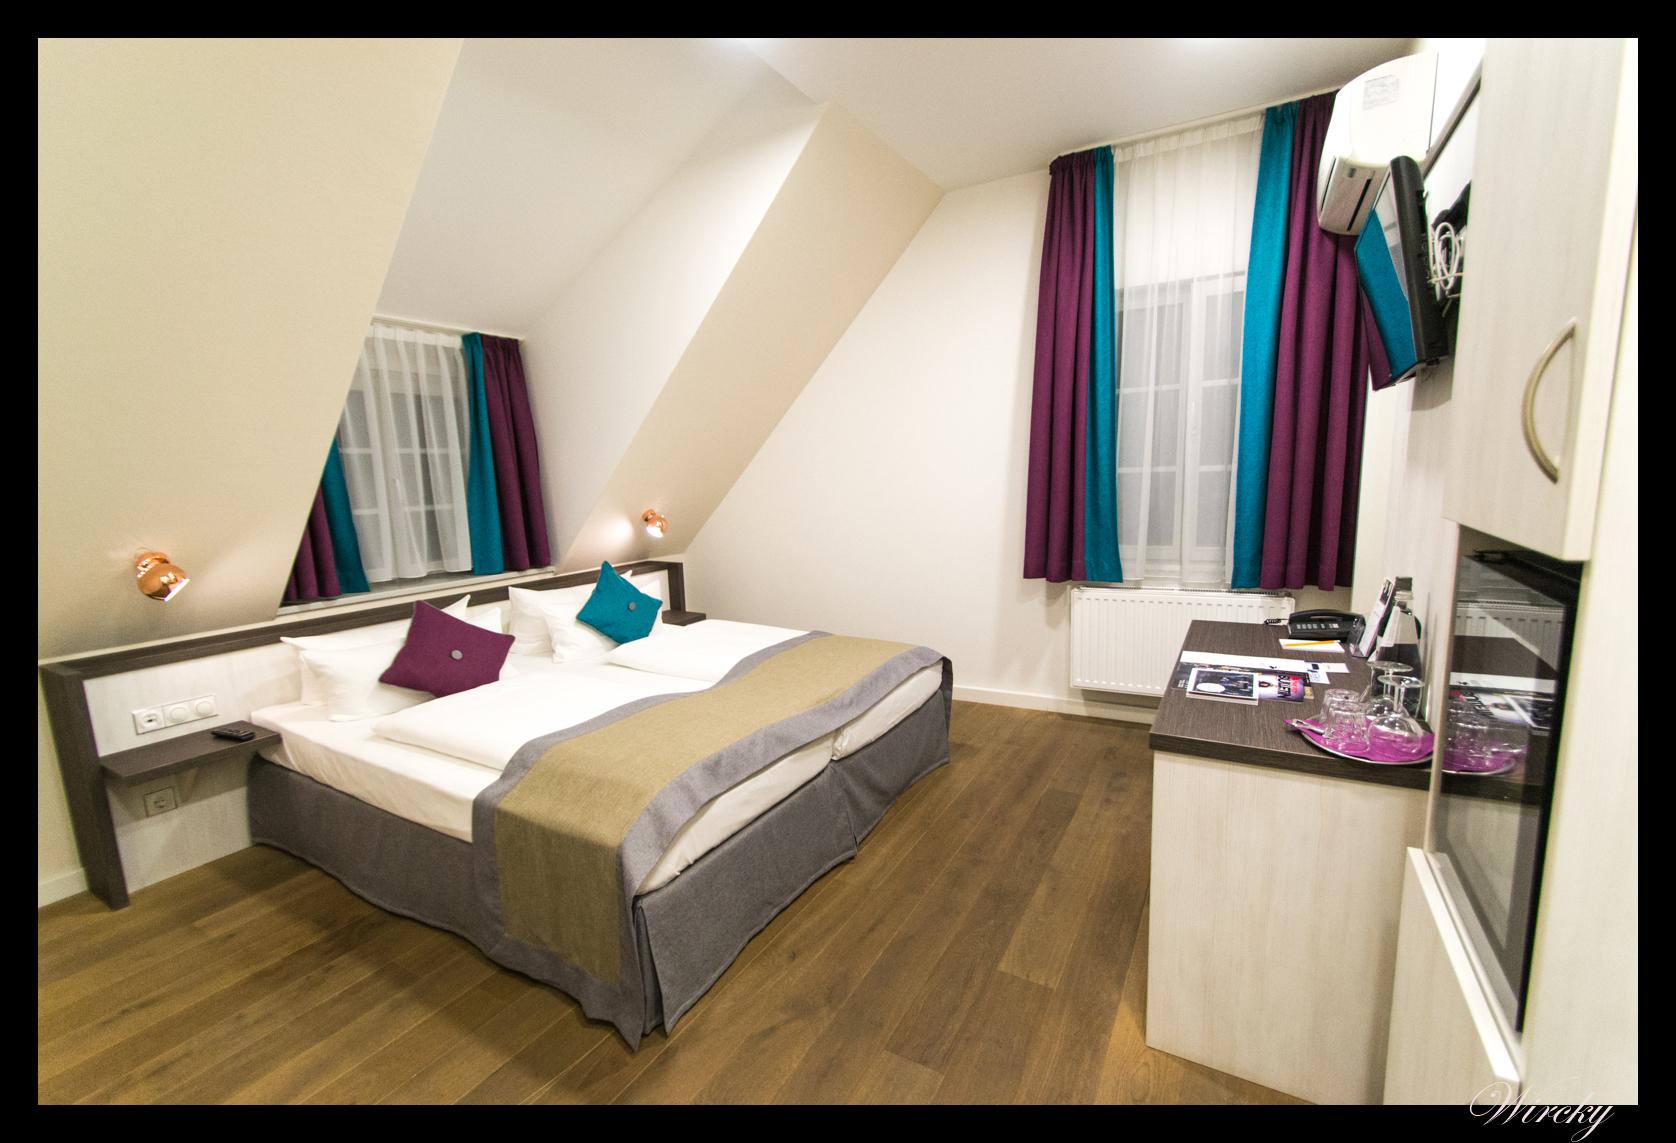 hotel elch boutique el hotel m s antiguo de nuremberg los viajes de wircky. Black Bedroom Furniture Sets. Home Design Ideas